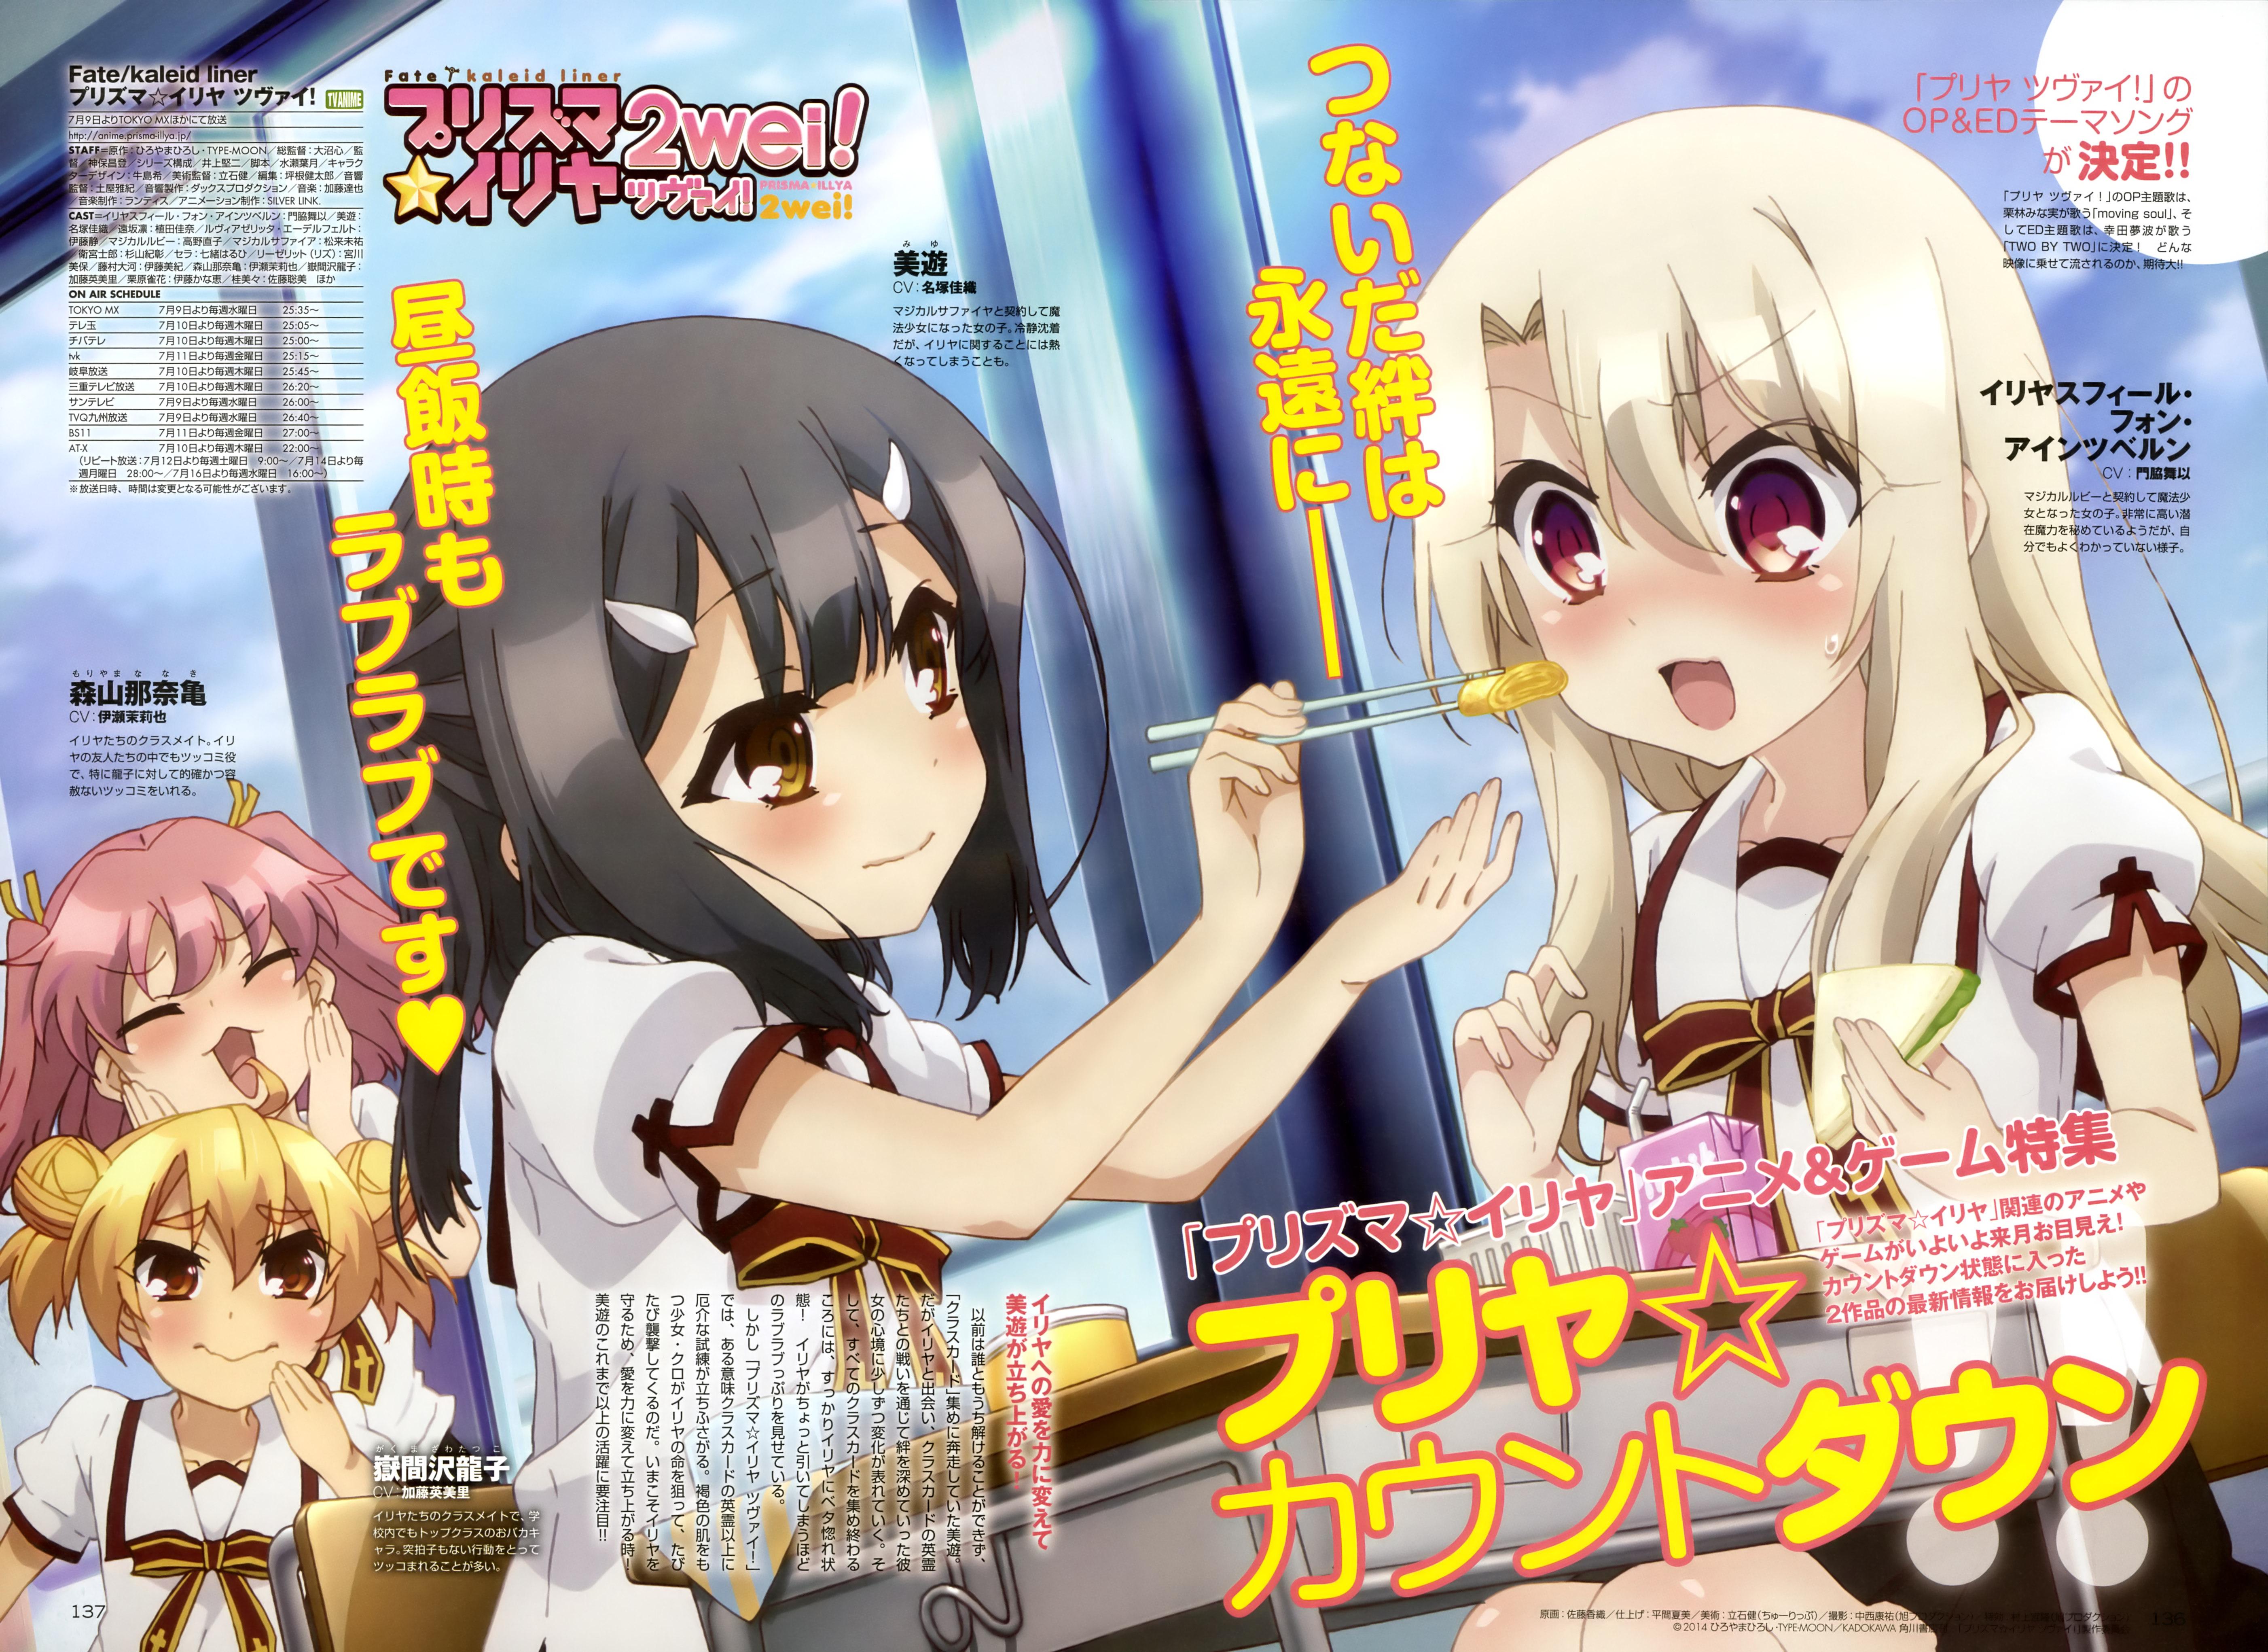 Fate/kaleid liner Prisma Illya 2wei magazine scan